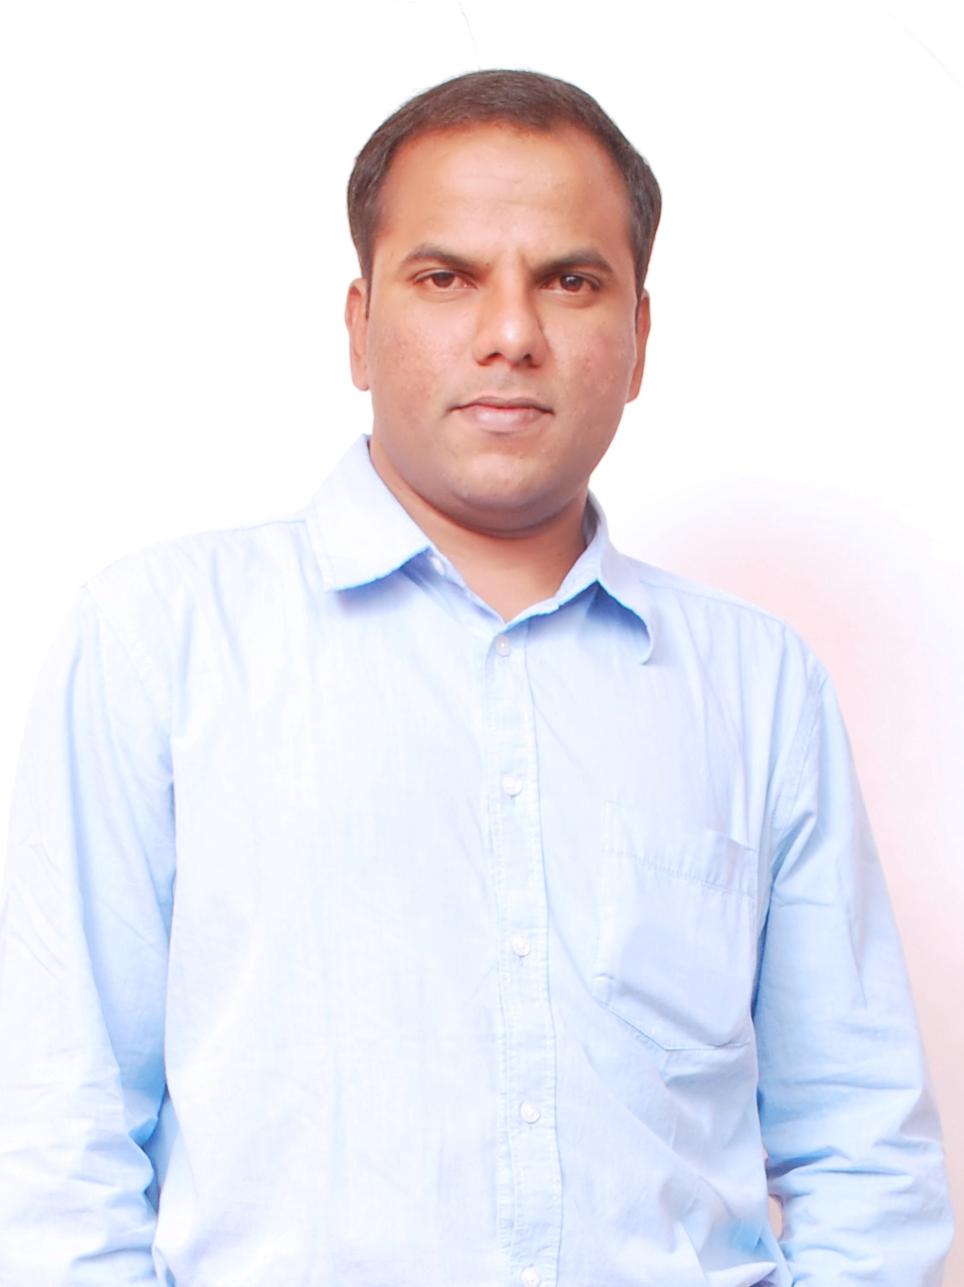 Faruq Mohammad picture